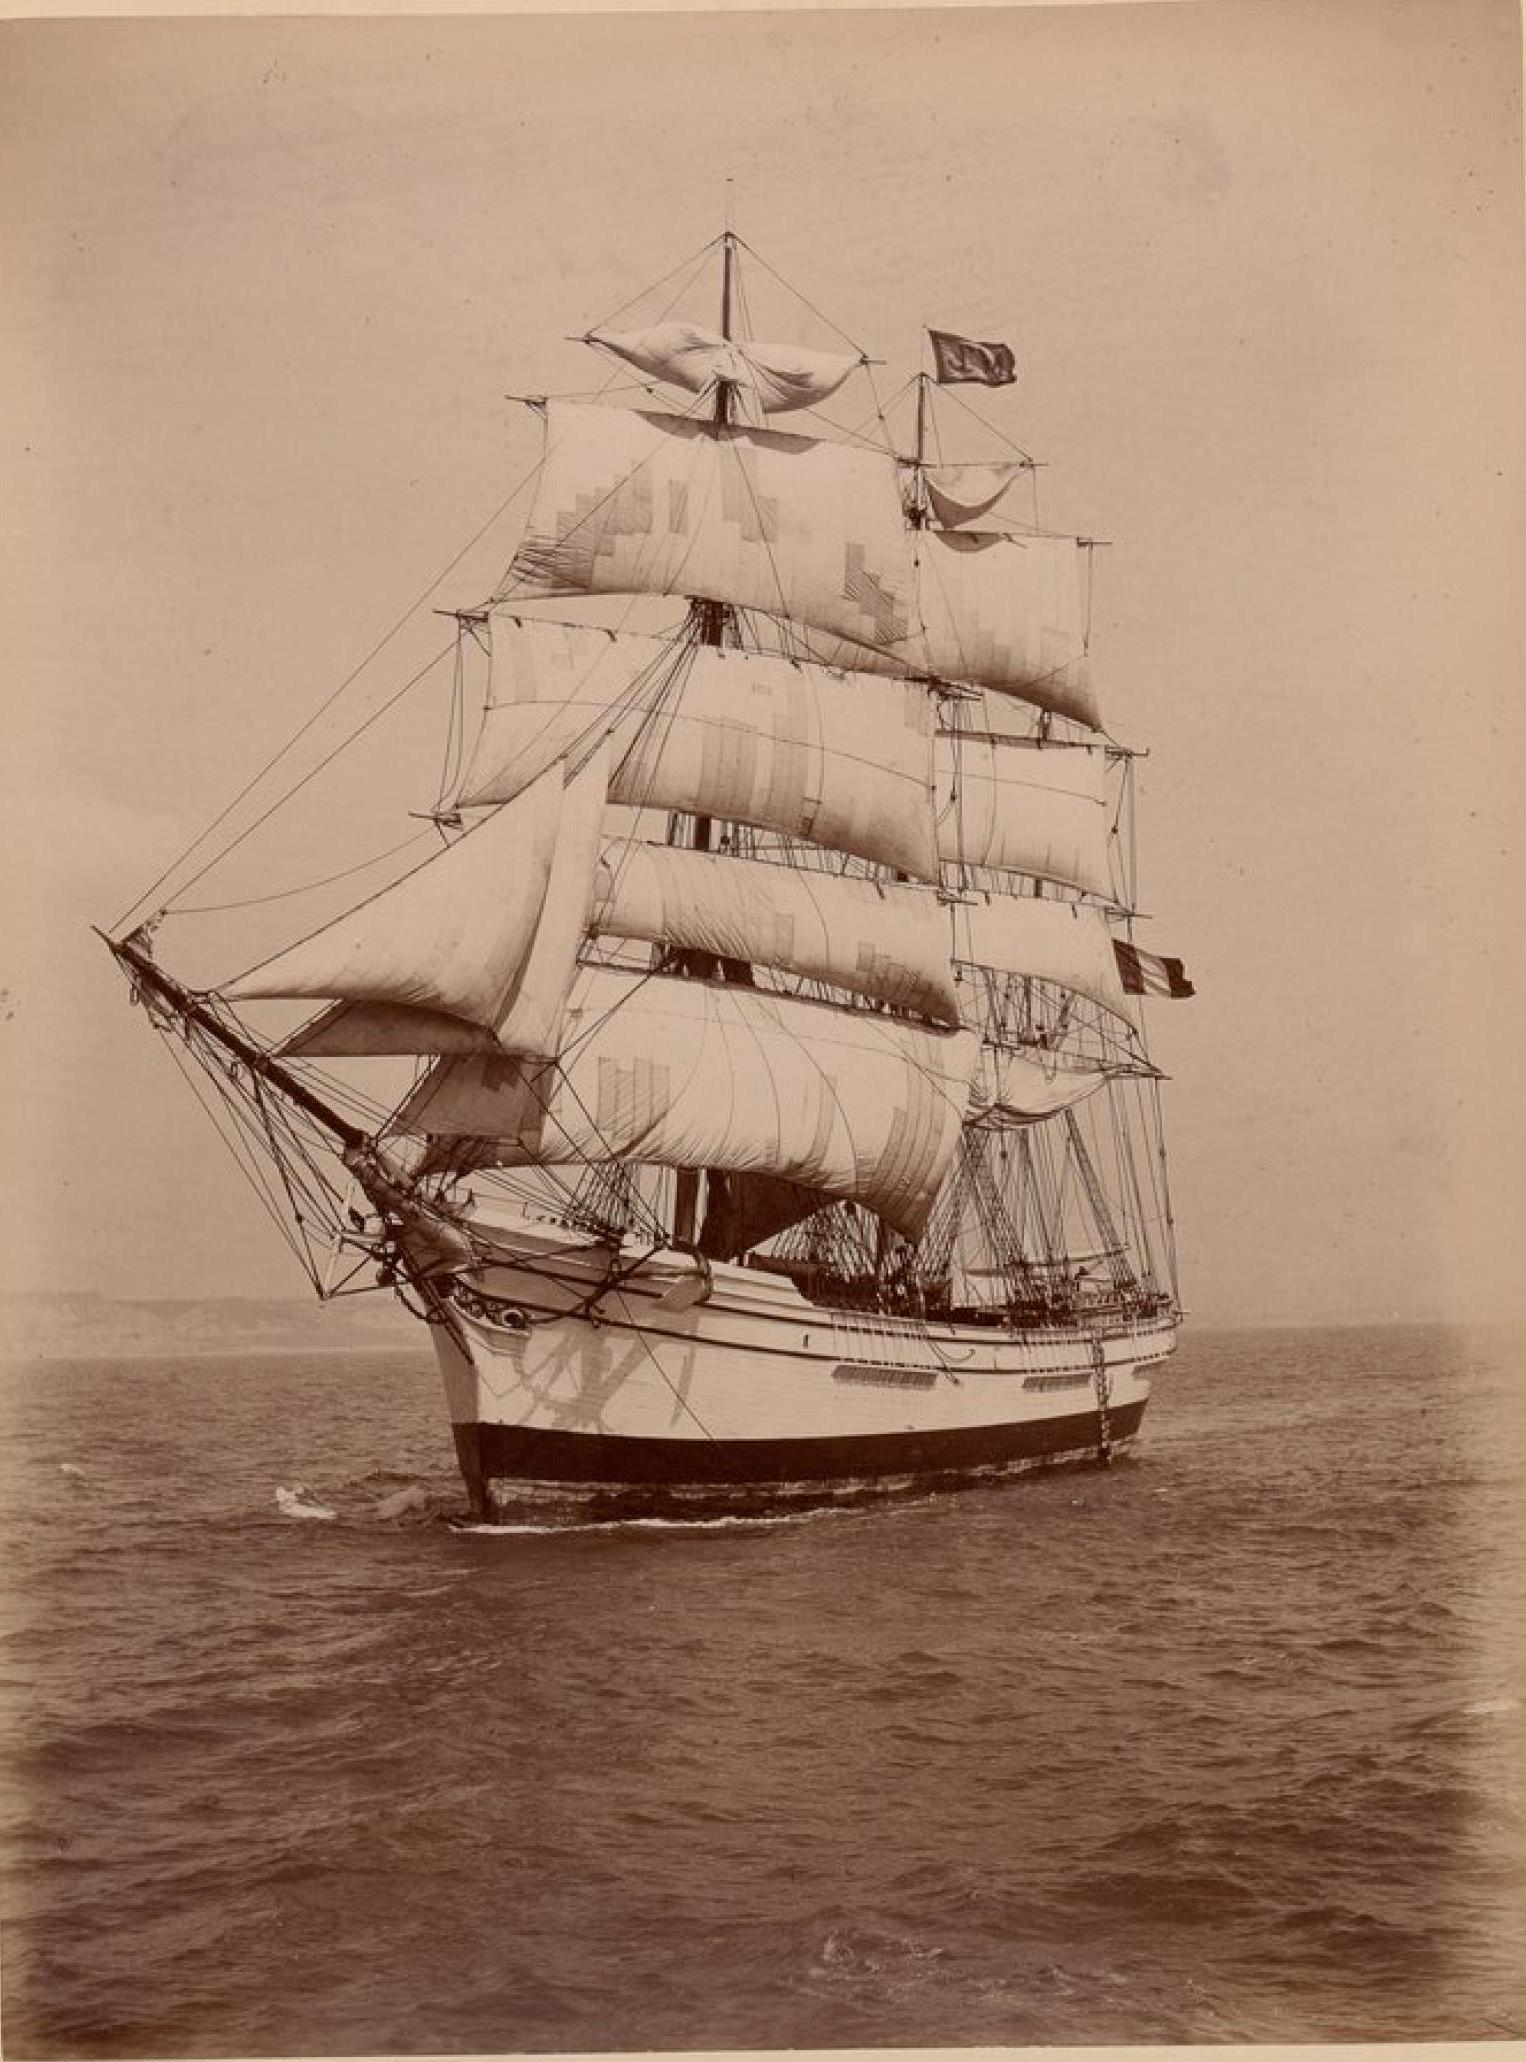 Исследователь морей, трехмачтовый барк